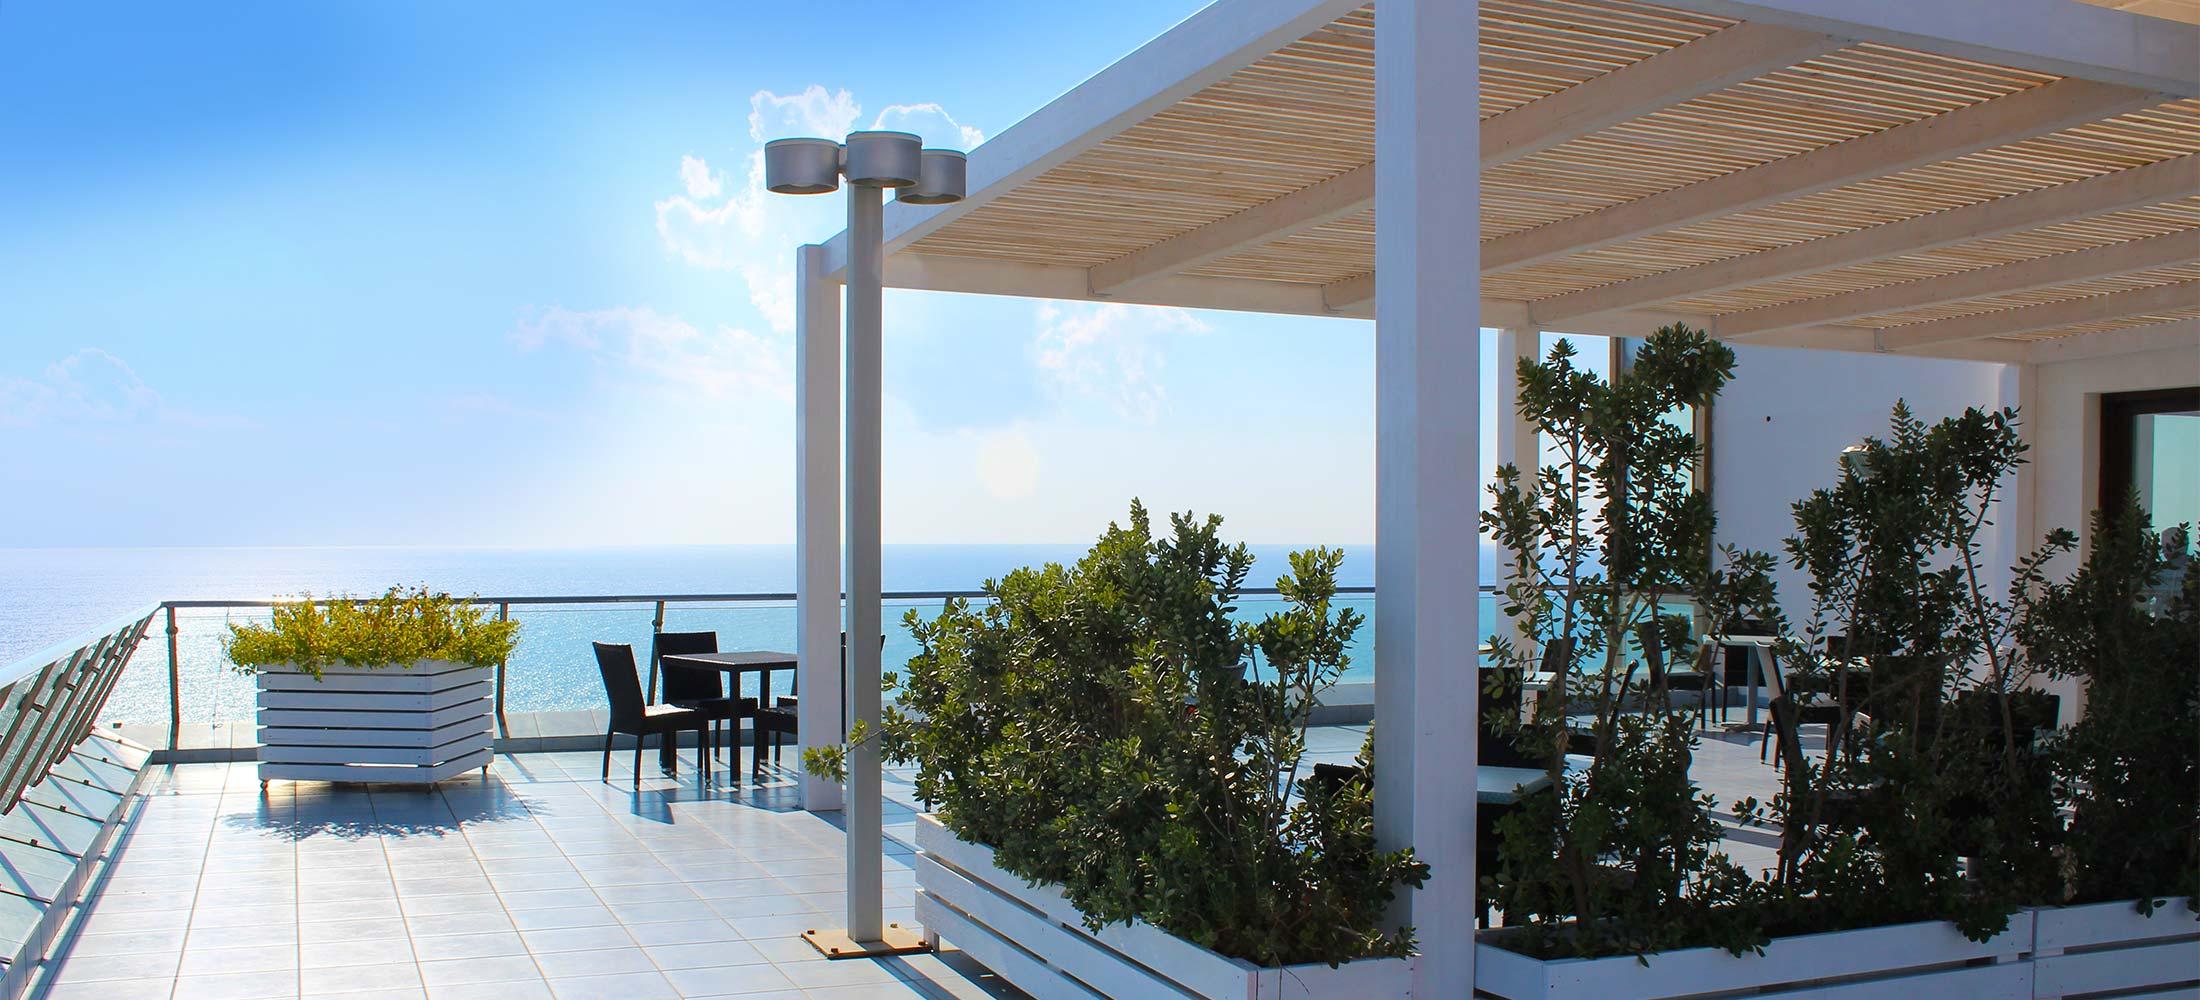 Official site 4 star hotel admeto sicily sea marinella for Design hotel sicilia